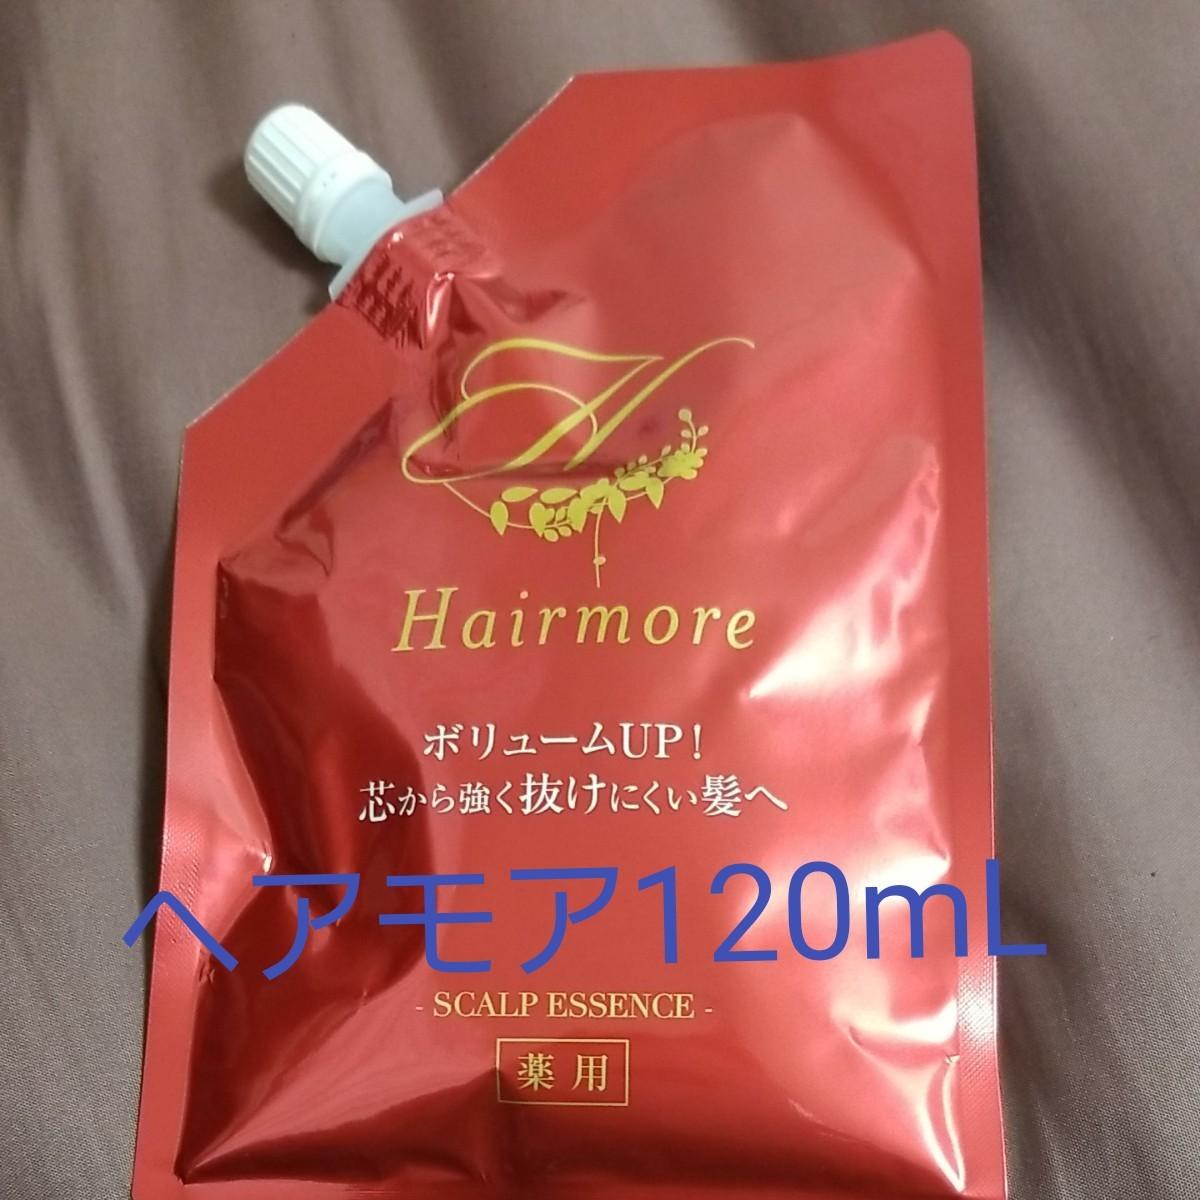 薬用 育毛剤☆ヘアモア 詰め替え用120mL